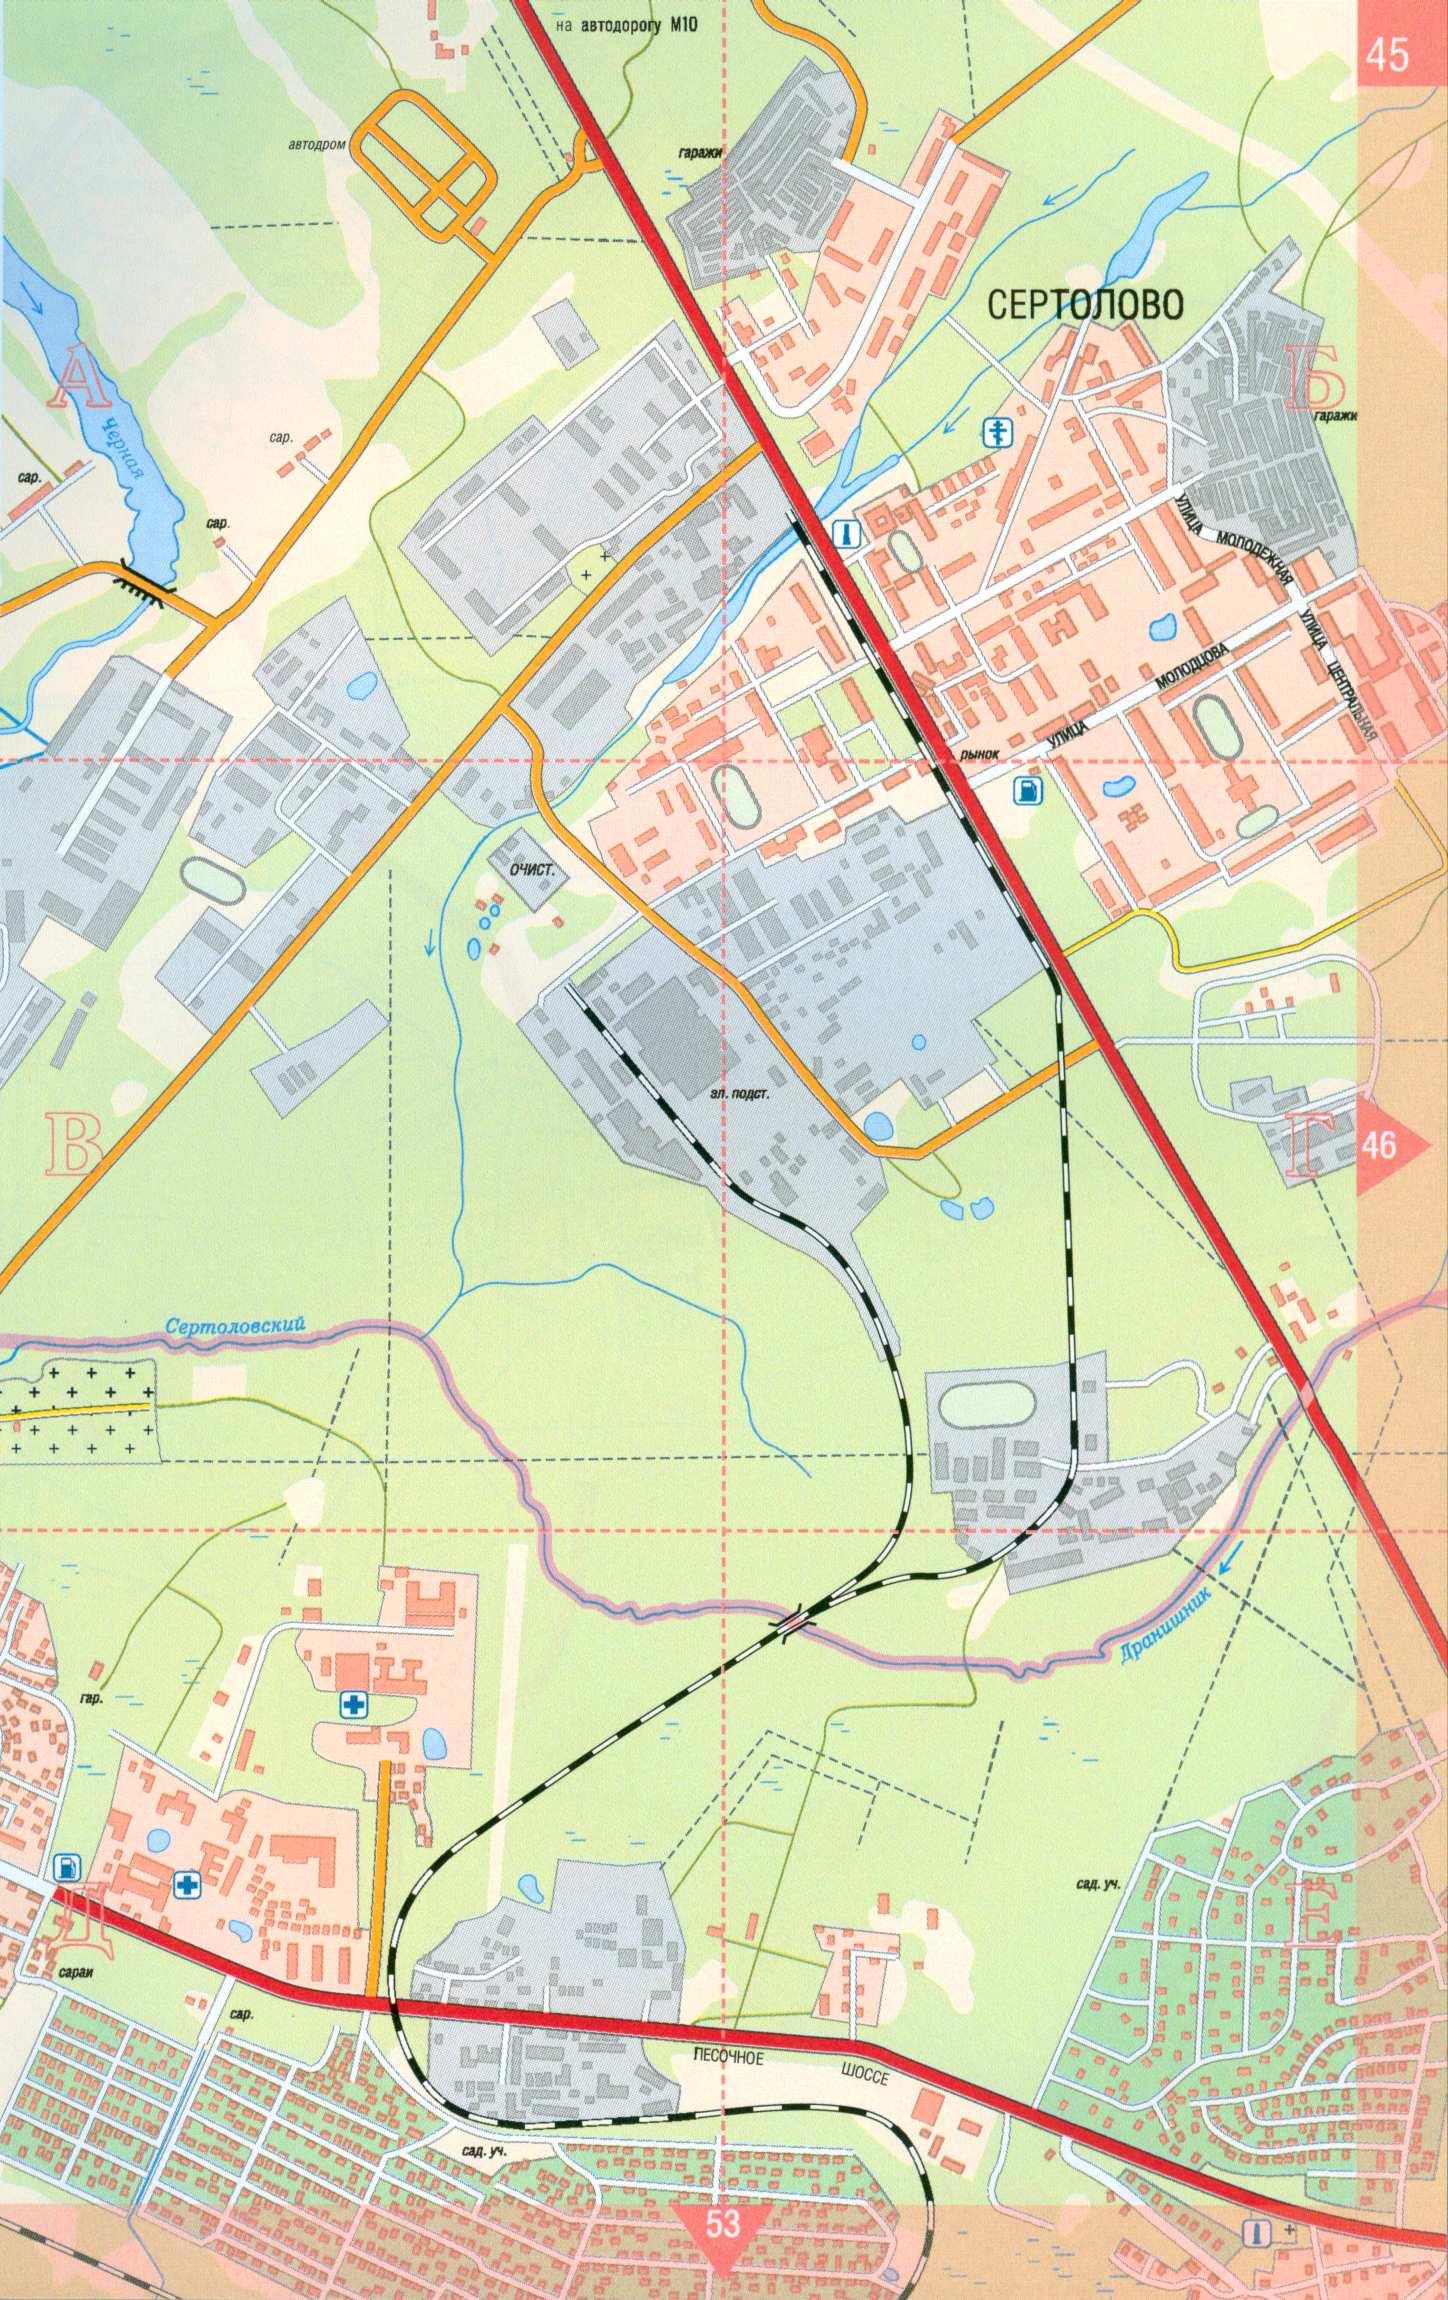 Санкт петербурга подробная карта